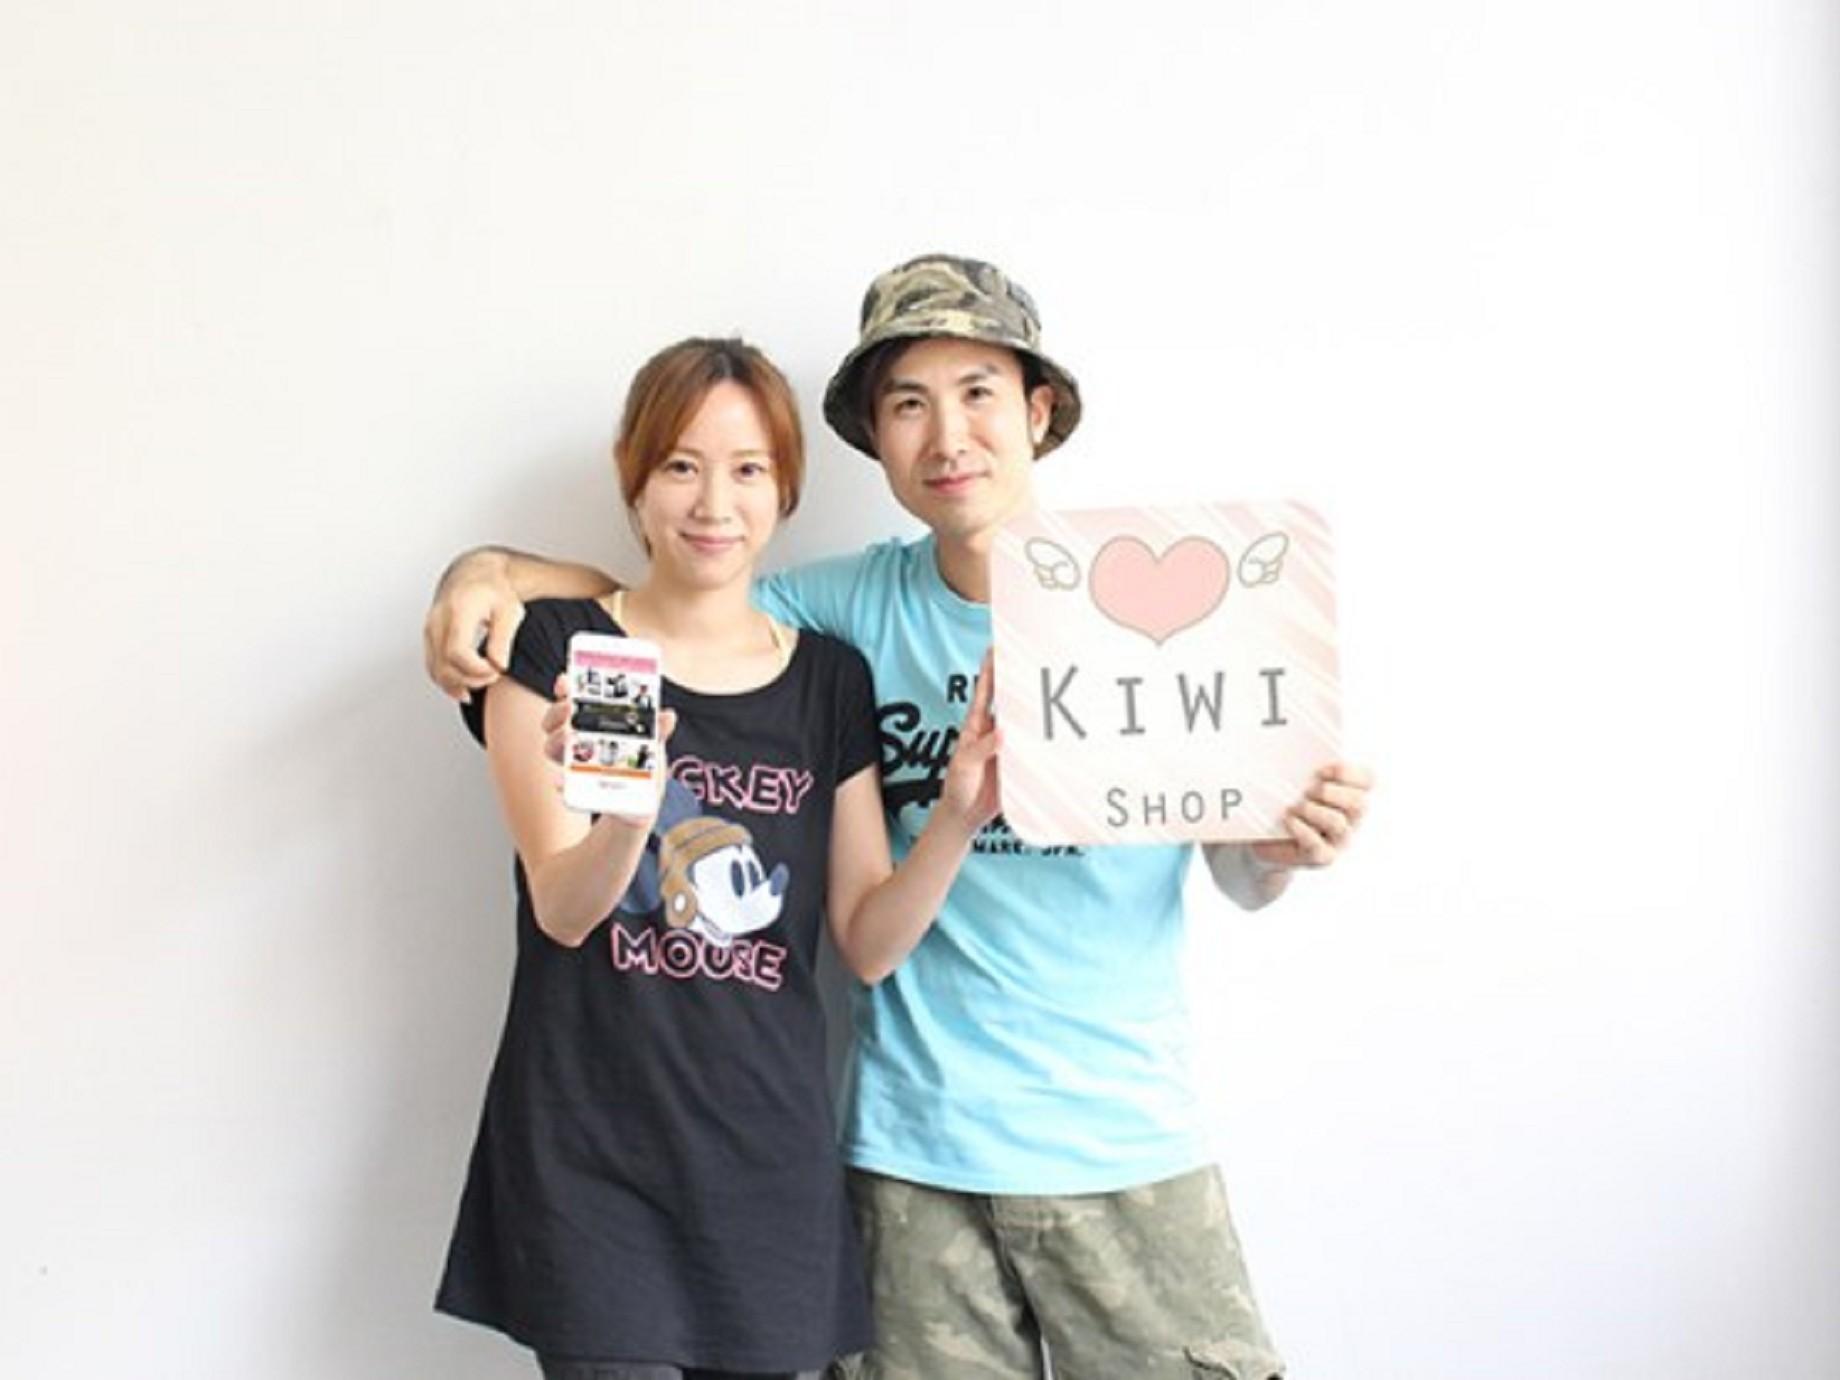 勇敢跨出去!Kiwi Shop 要做滑世代少女系潮流掌門!